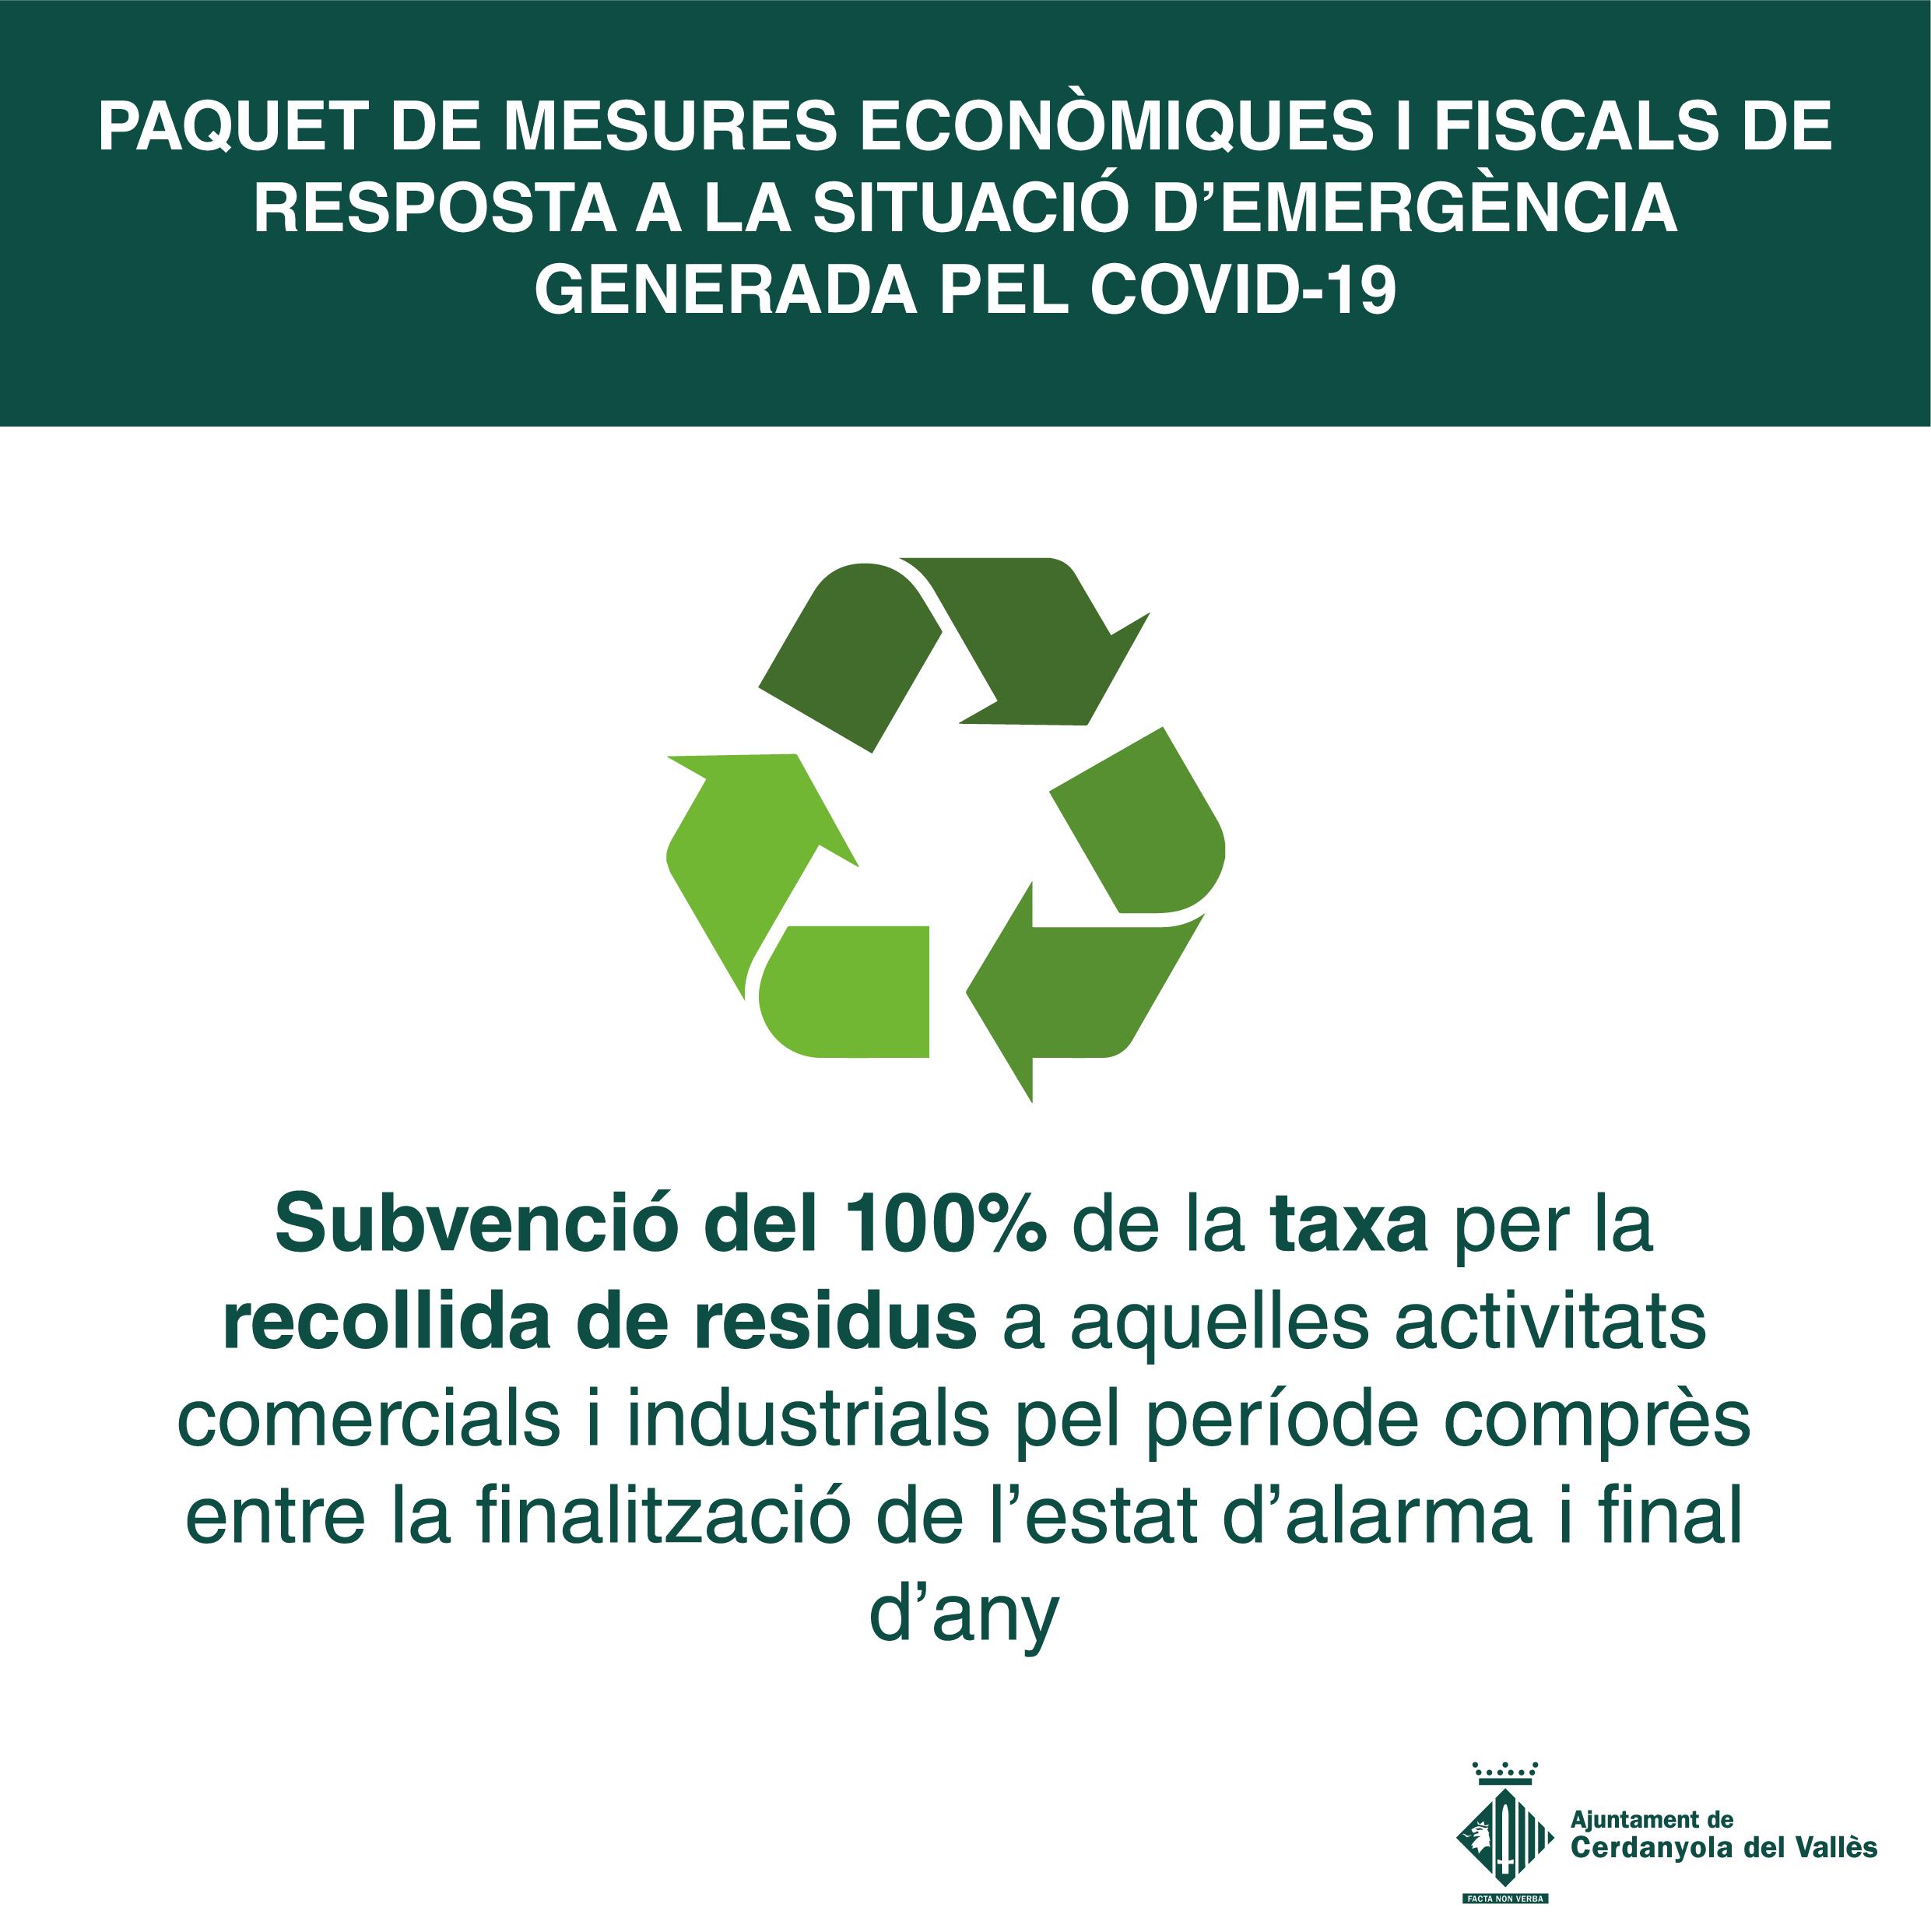 Imatge de la subvenció del 100% de la taxa de recollida de residus per a les activitats comercials